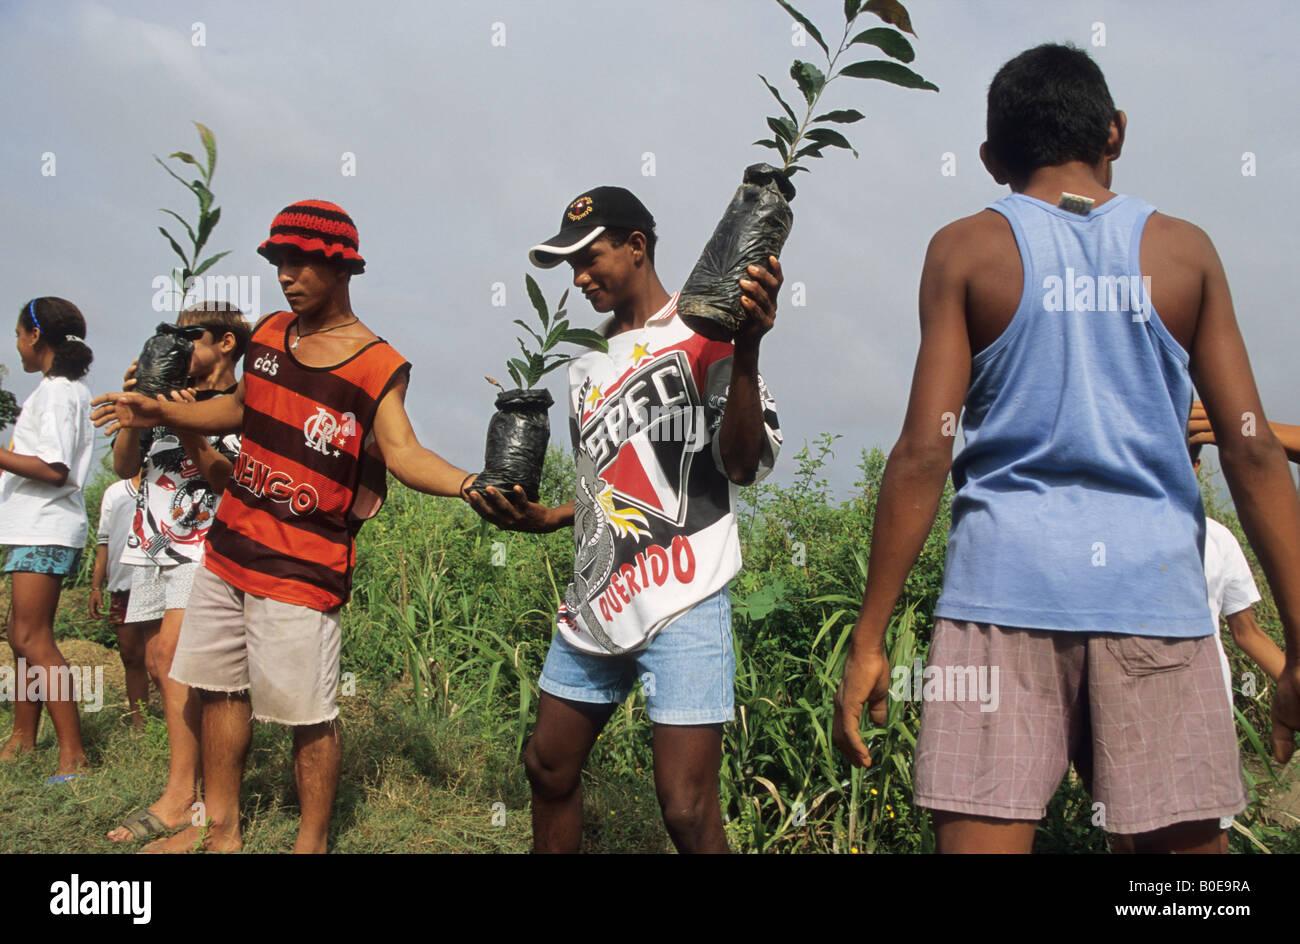 Remota foresta pluviale comunità scarico albero della foresta pluviale piantine per reafforest un area di deforestazione Immagini Stock